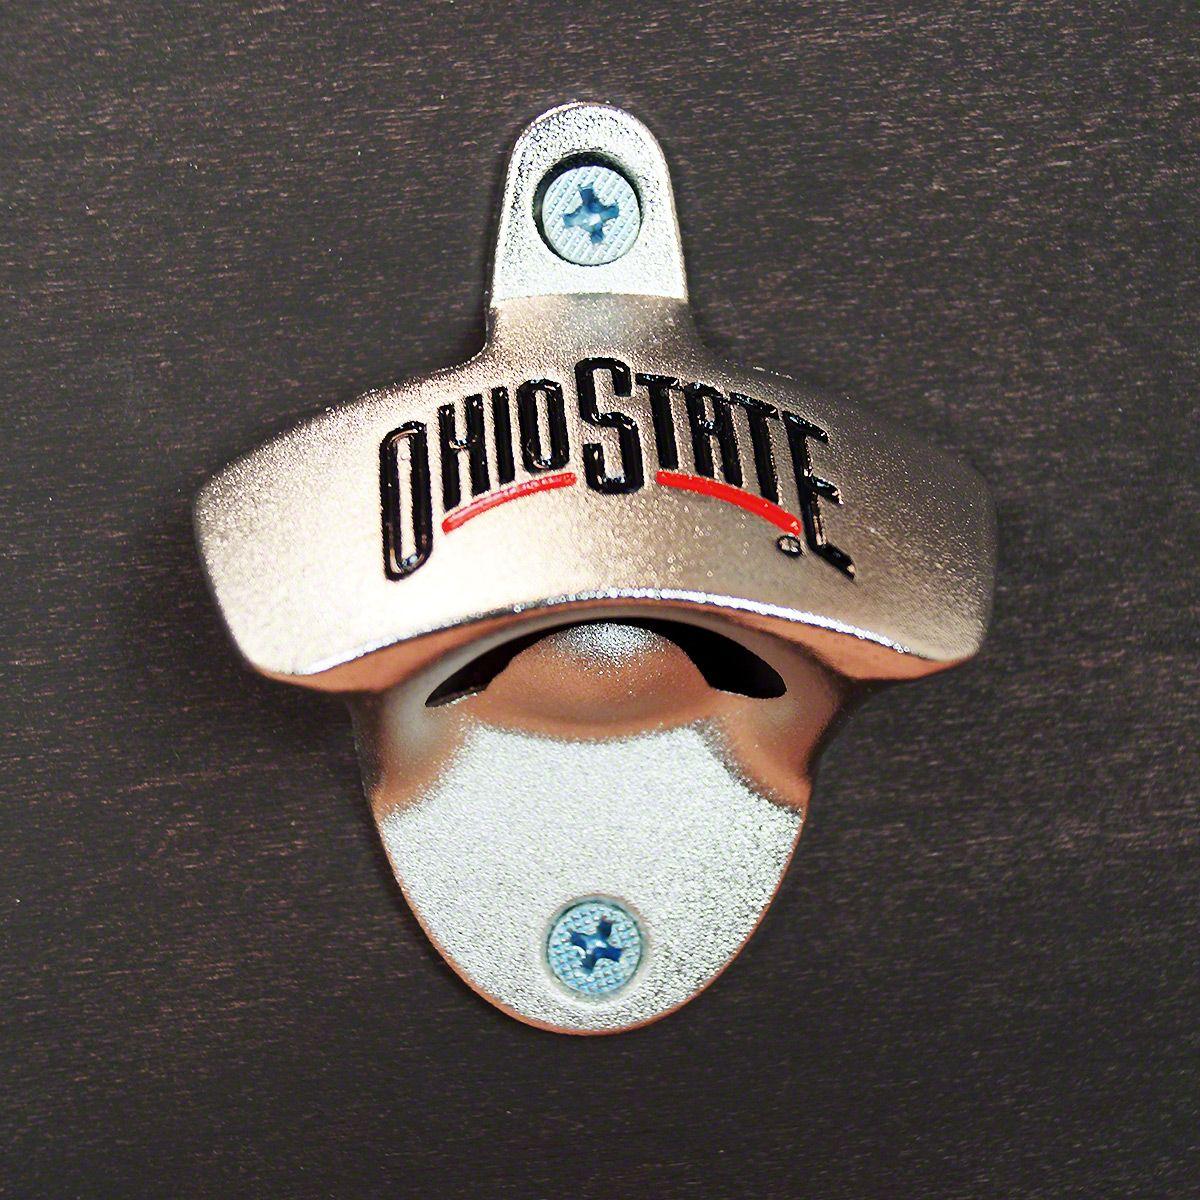 Ohio State Wall Mounted Bottle Opener